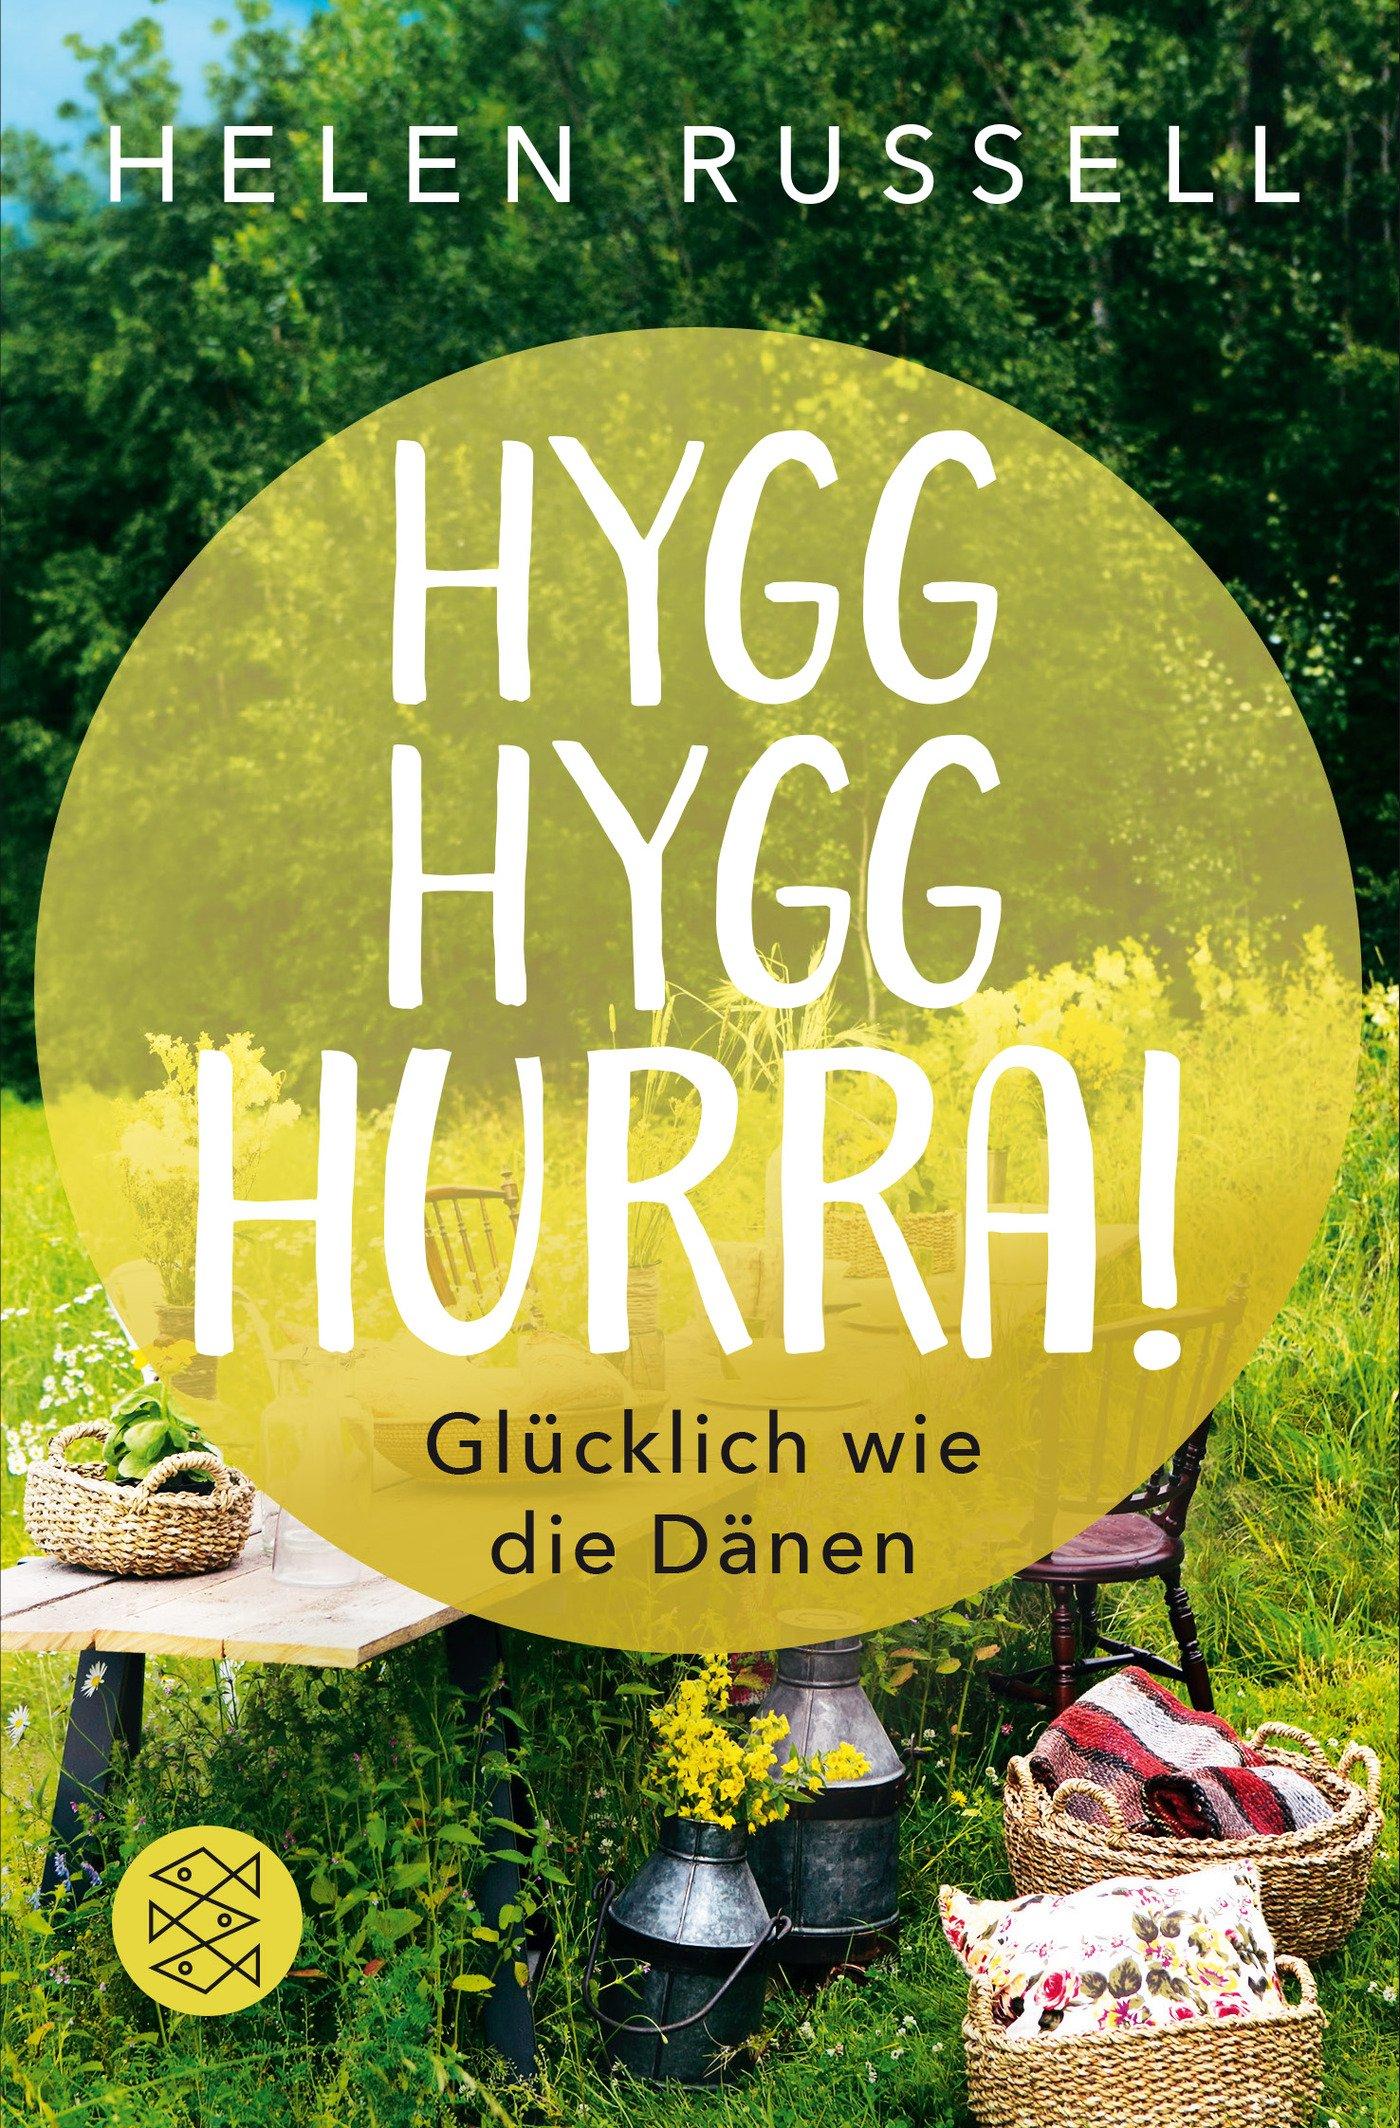 Hygg Hygg Hurra!: Glücklich wie die Dänen  Schonungslos ehrlich beschriebt Helen ihre unbedarften Erfahrungen aus dem erstem Jahr. Durch ihre fast comedy-artige Schreibweise erreicht das Buch ein hohes Tempo und eignet sich hervorragend als amüsante Ferienlektüre.